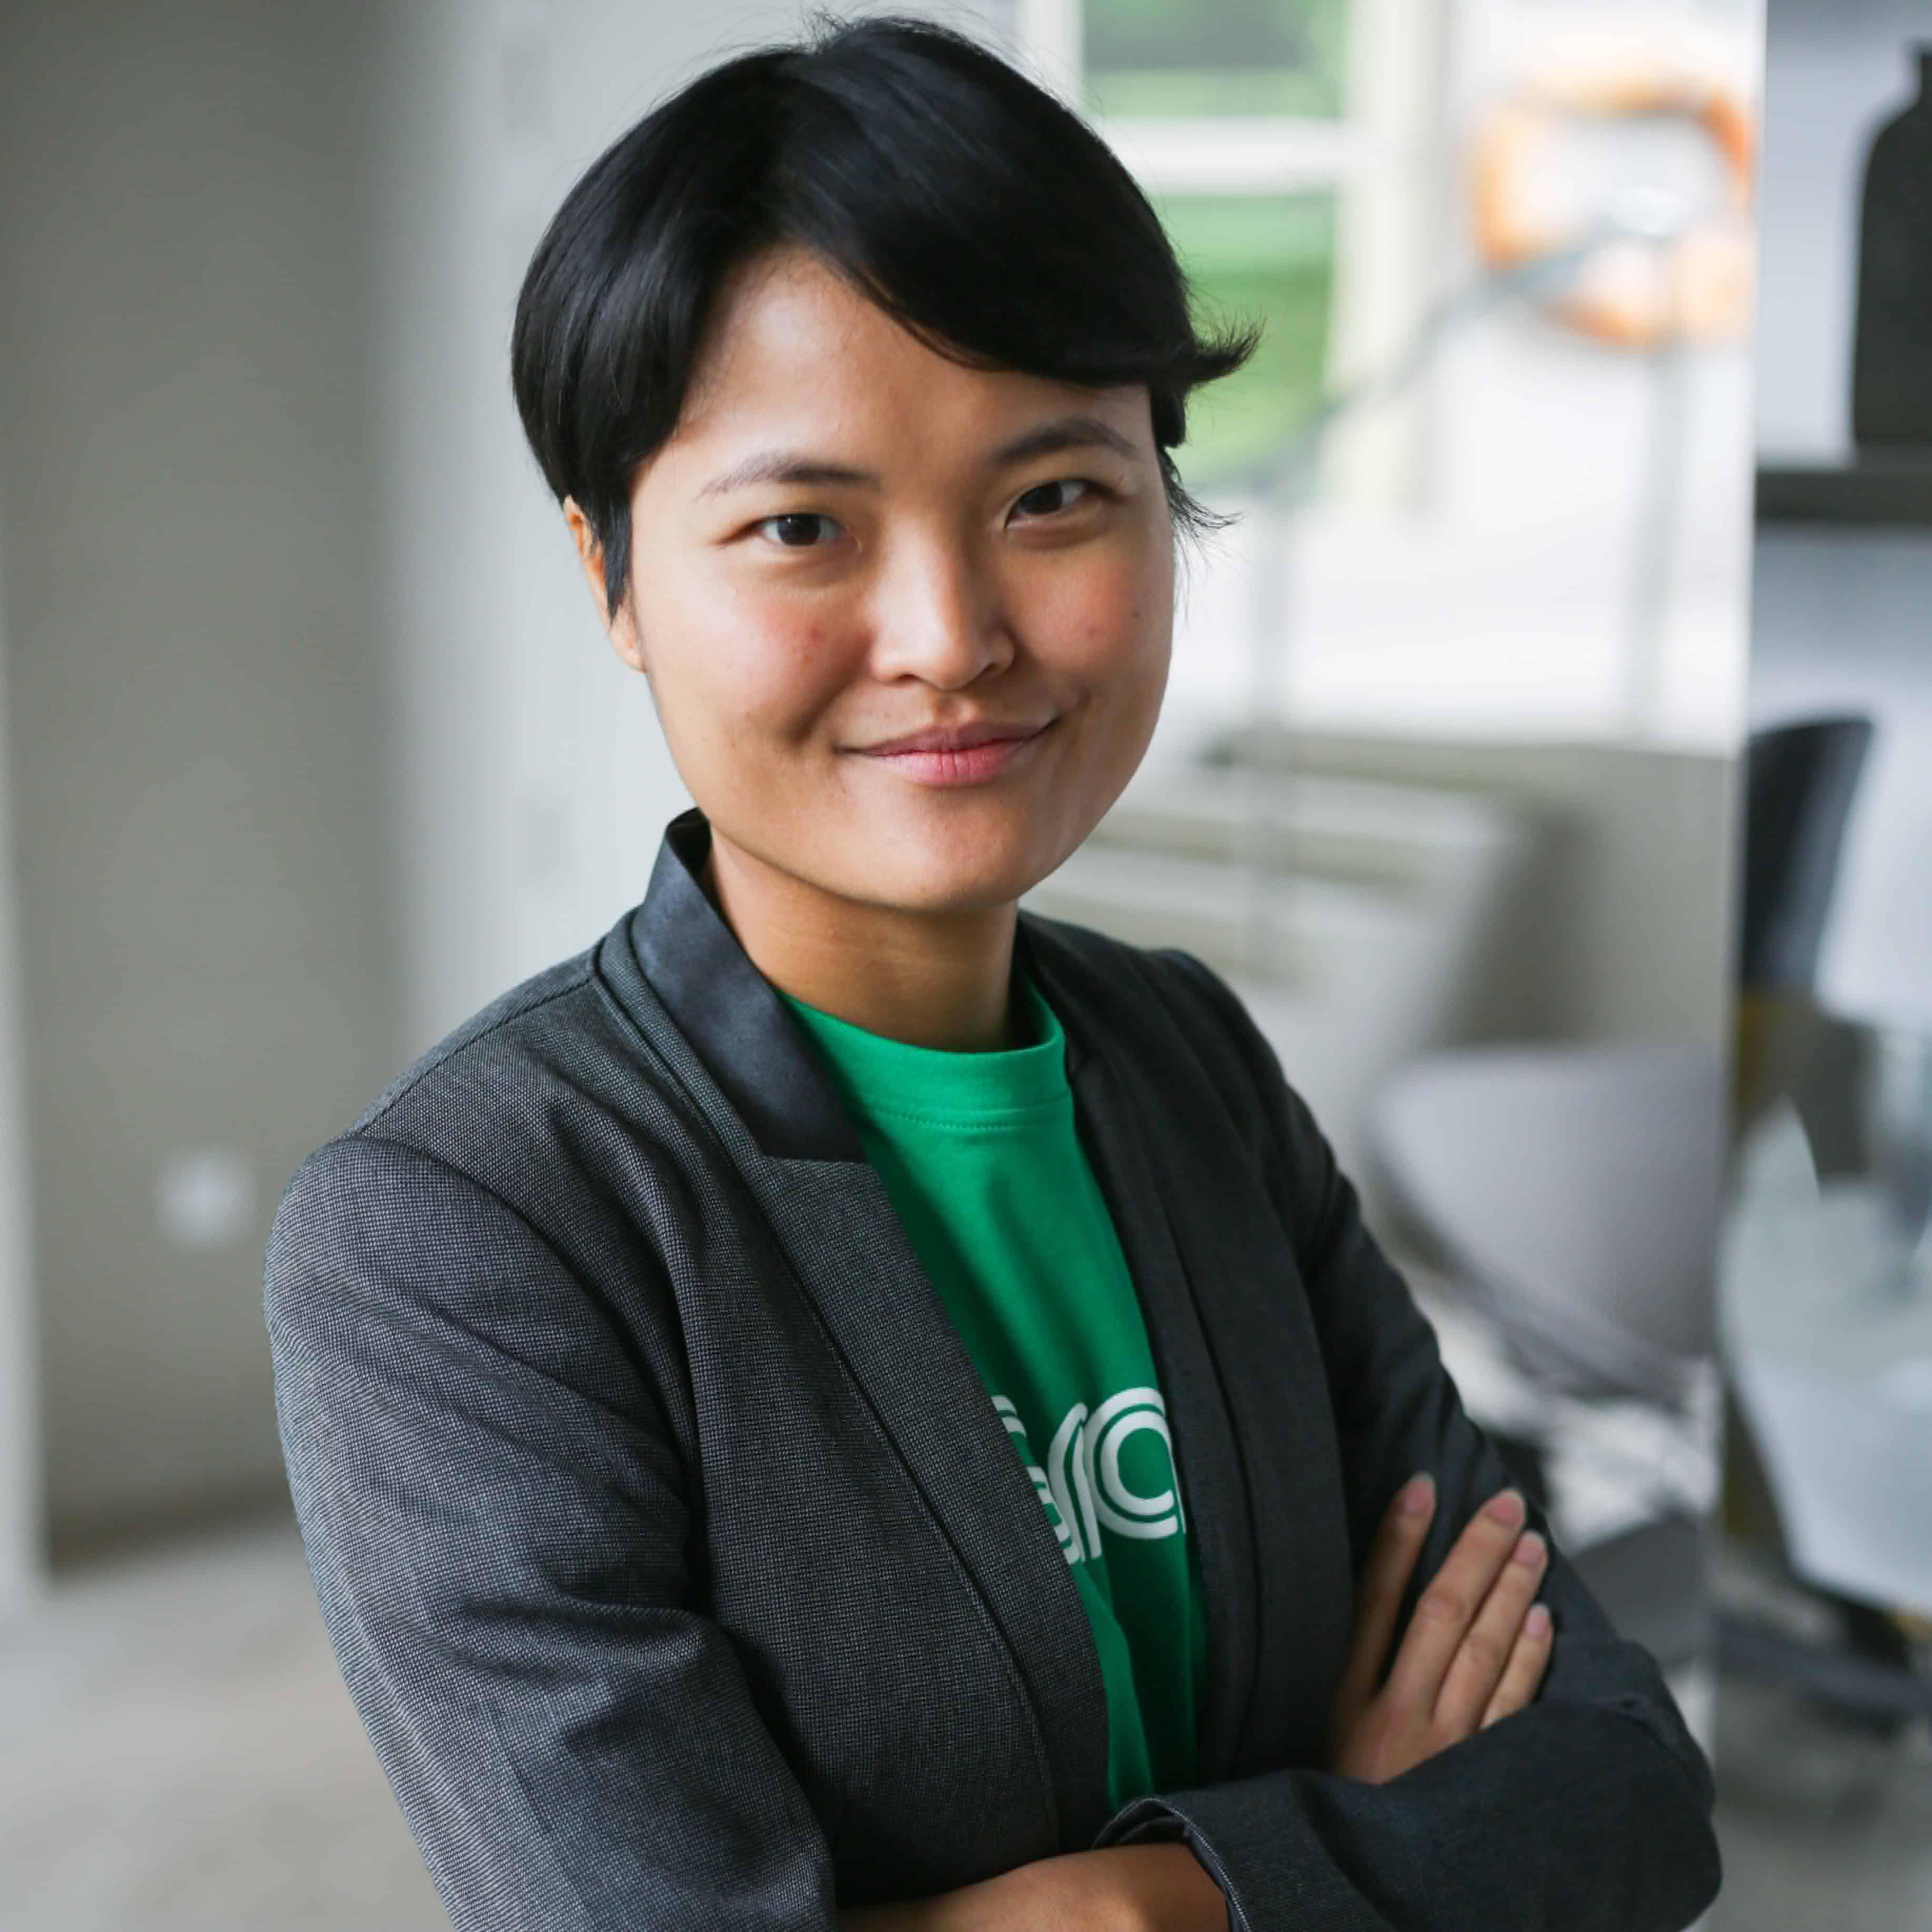 Bà Tan Hooi Ling